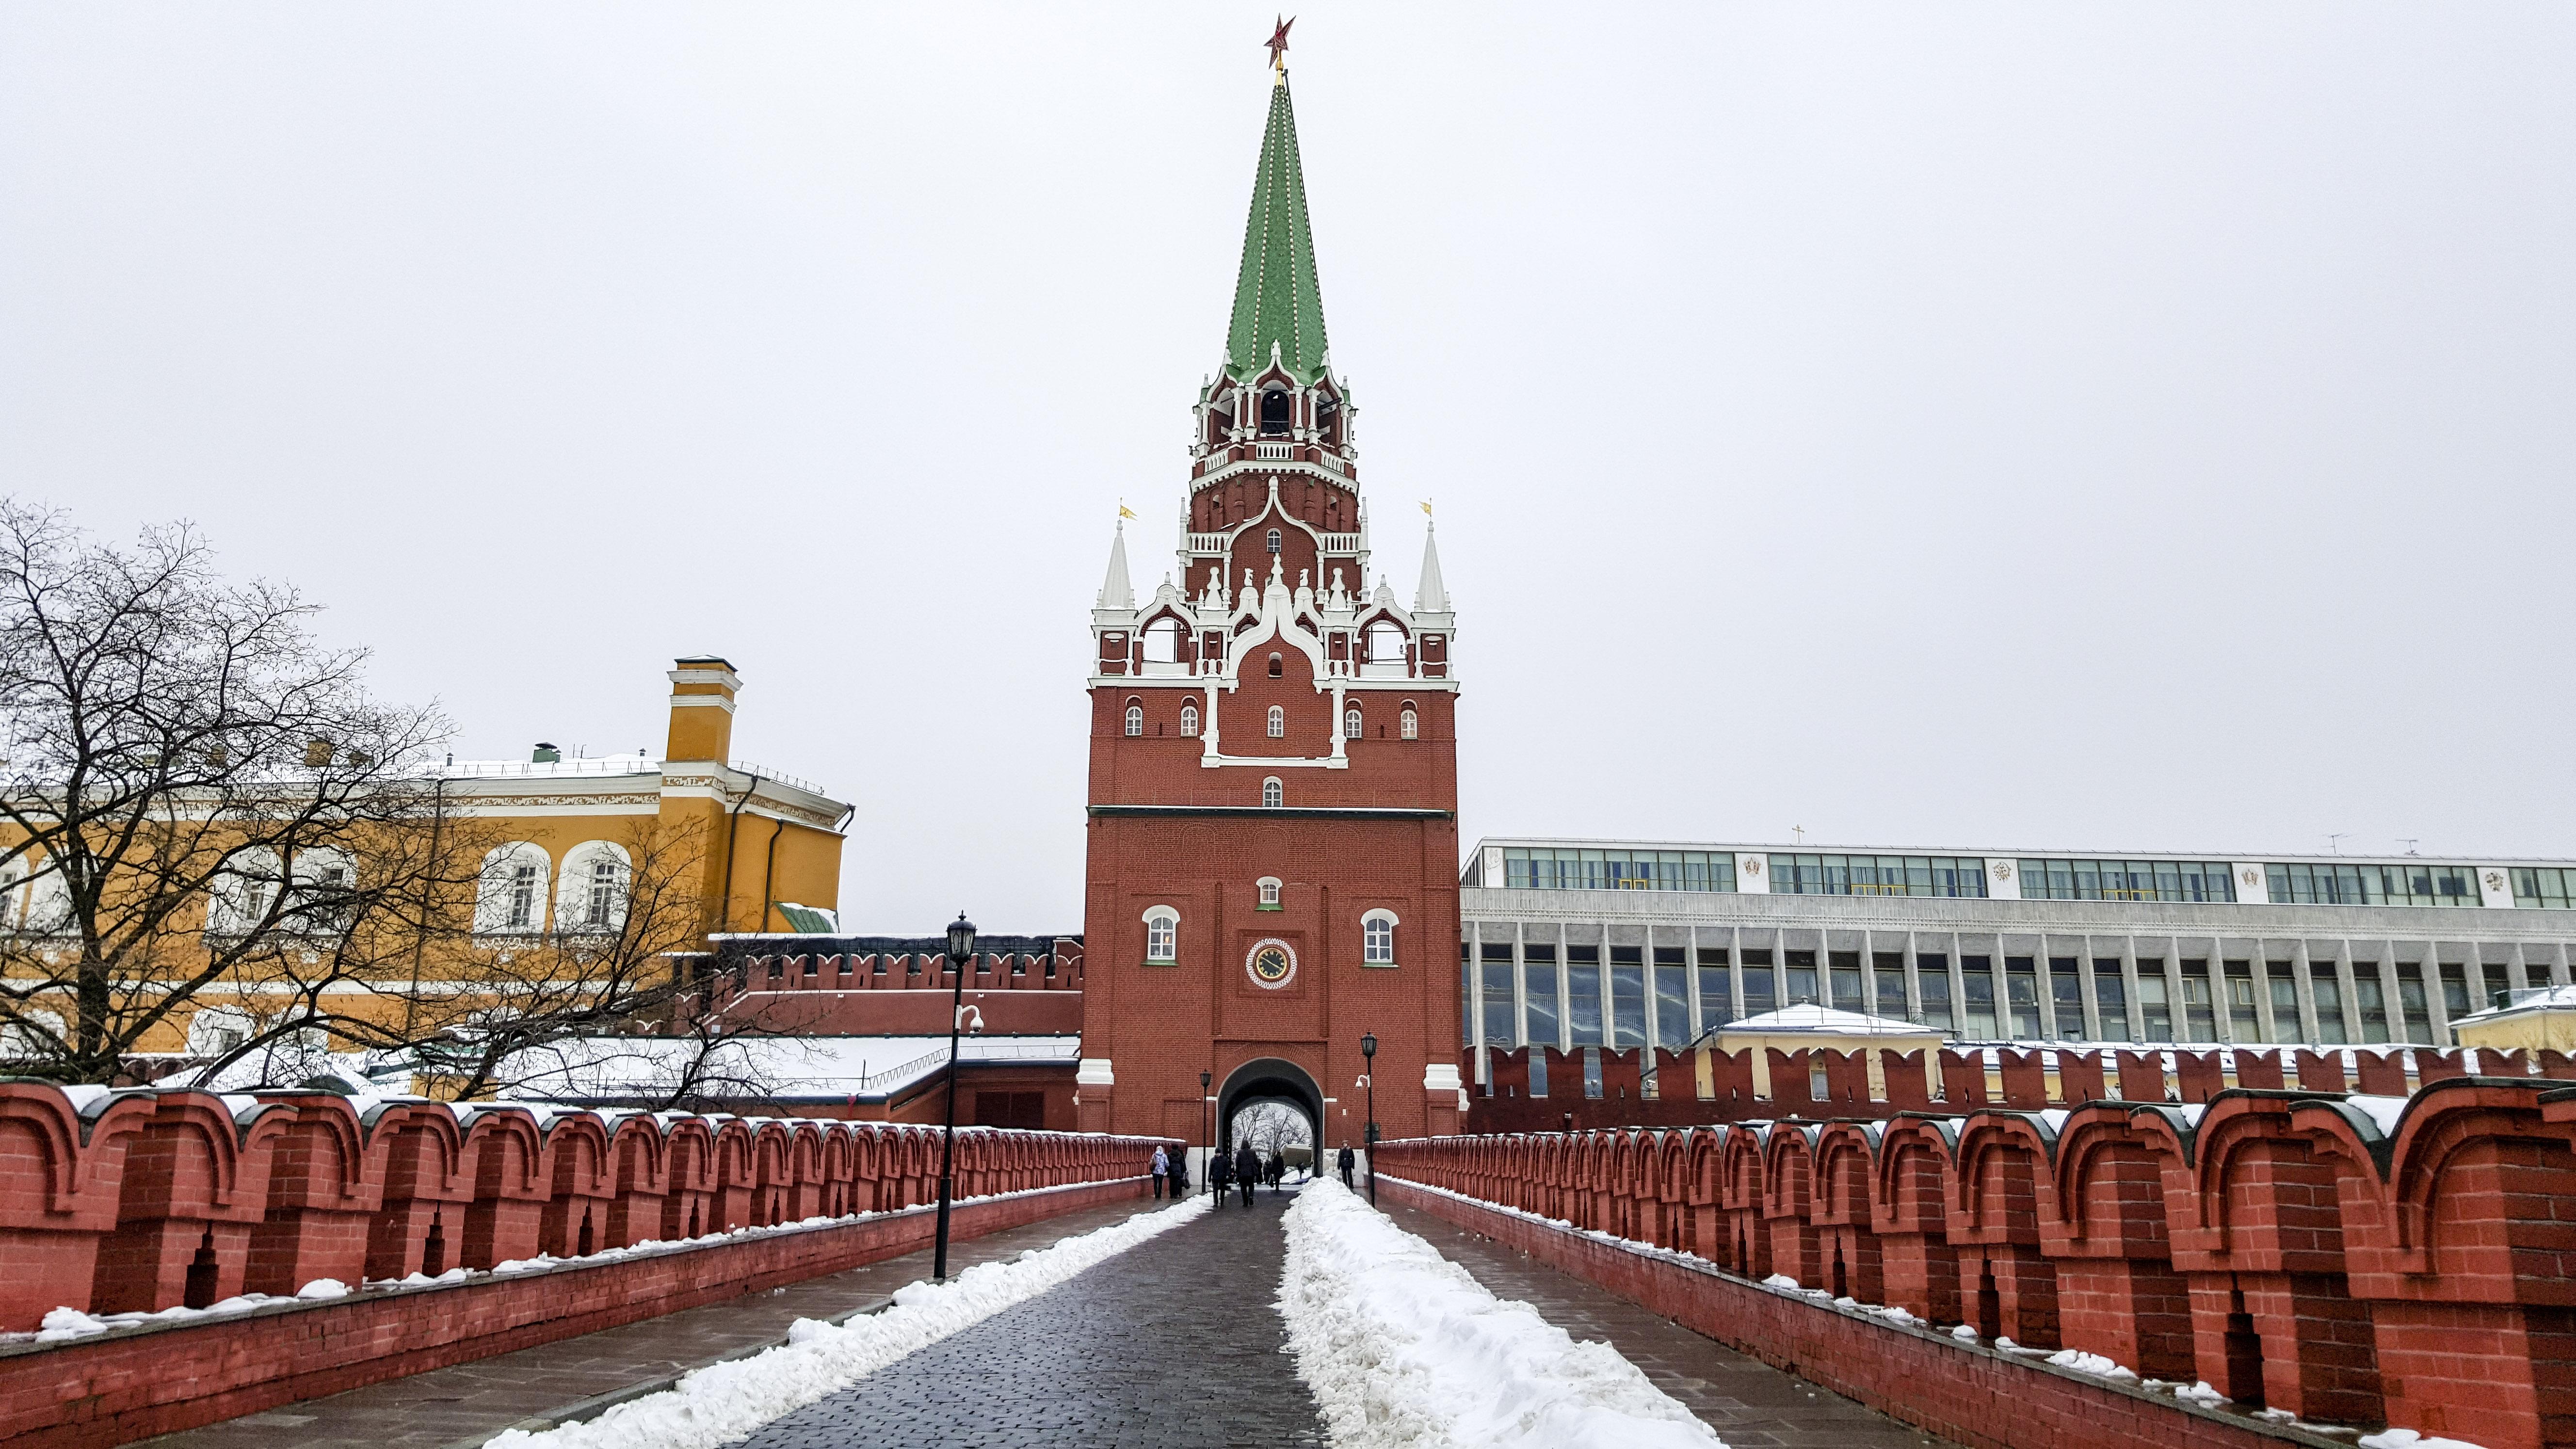 Никольская башня Московского Кремля вид снизу фото